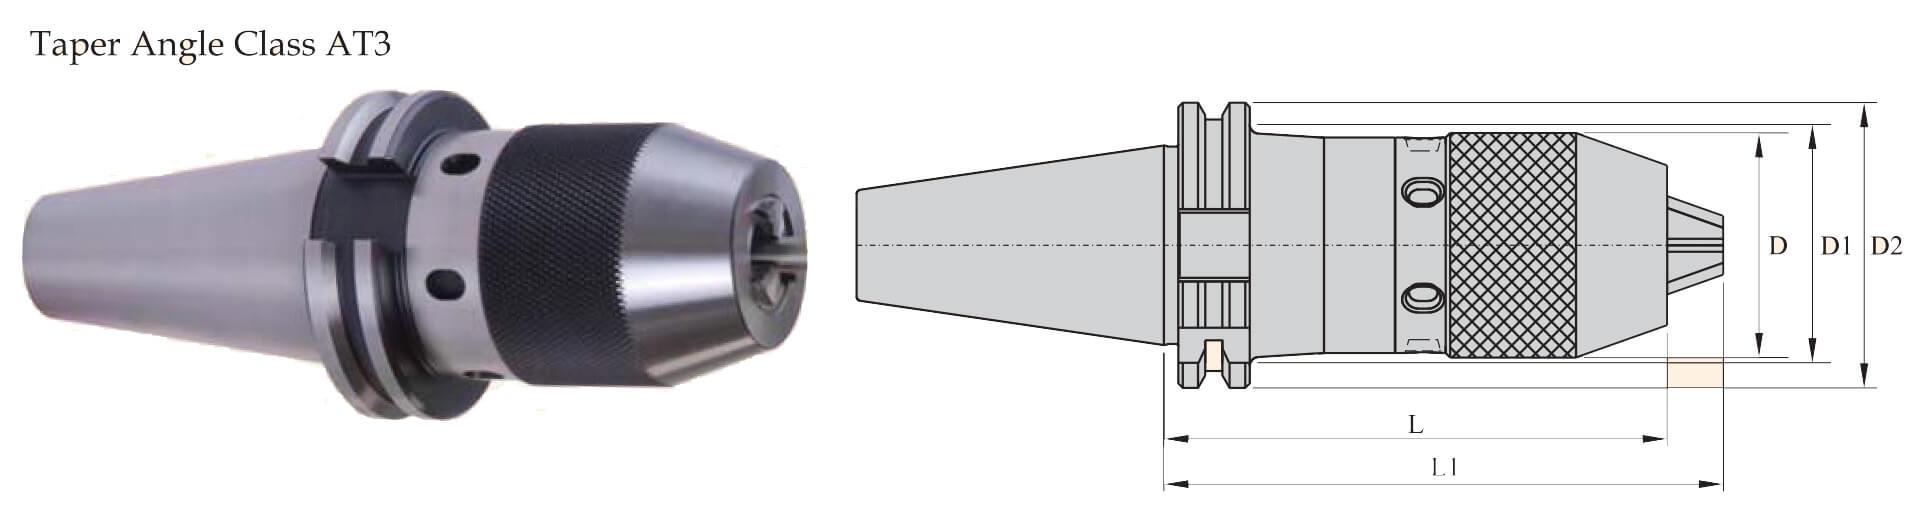 SK40 NCDC113 112 Integral Drill Chuck